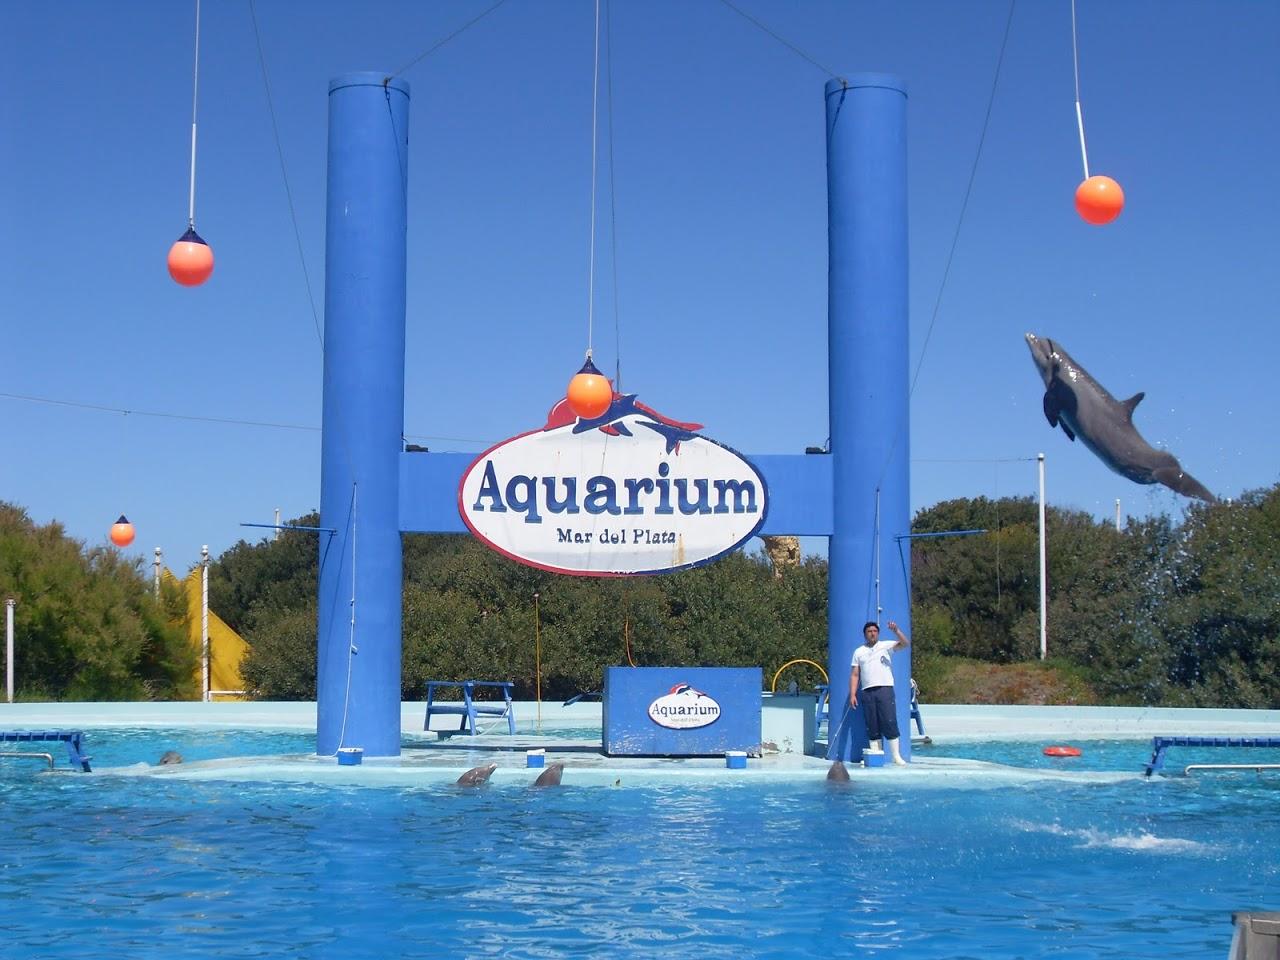 Mar del plata megaconstrucciones extreme engineering Aquarium familia numerosa